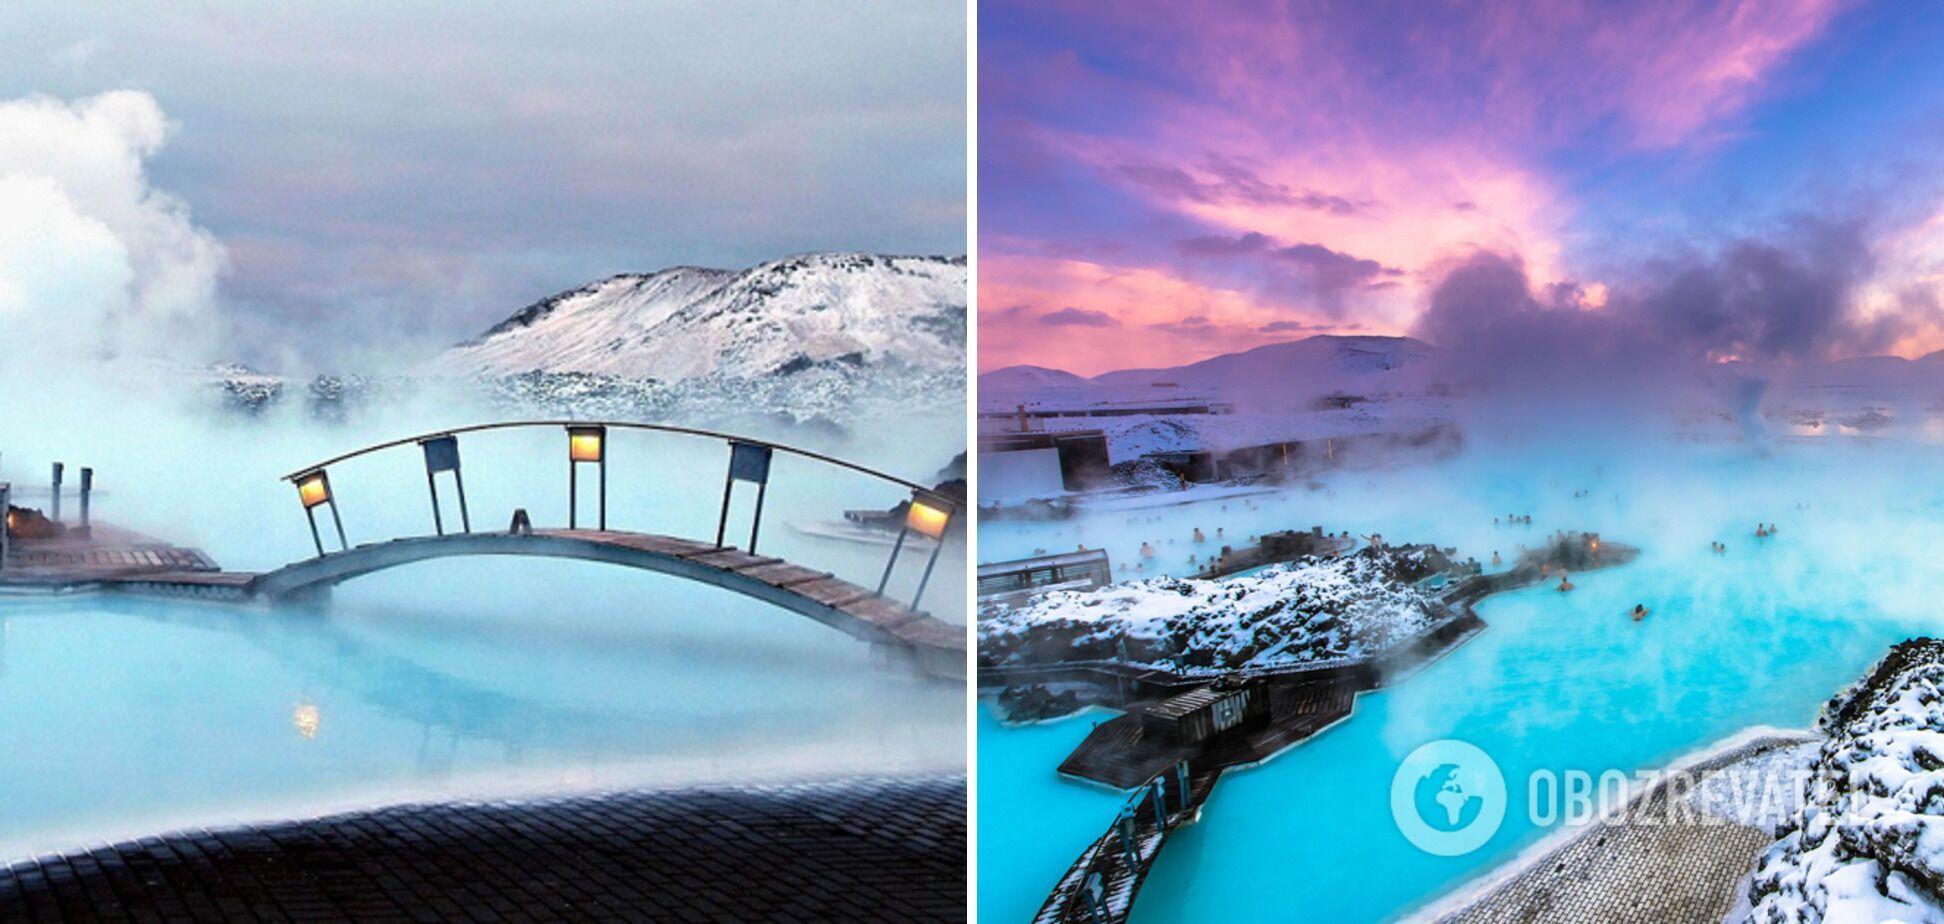 Блакитна лагуна в Ісландії має цілющі властивості